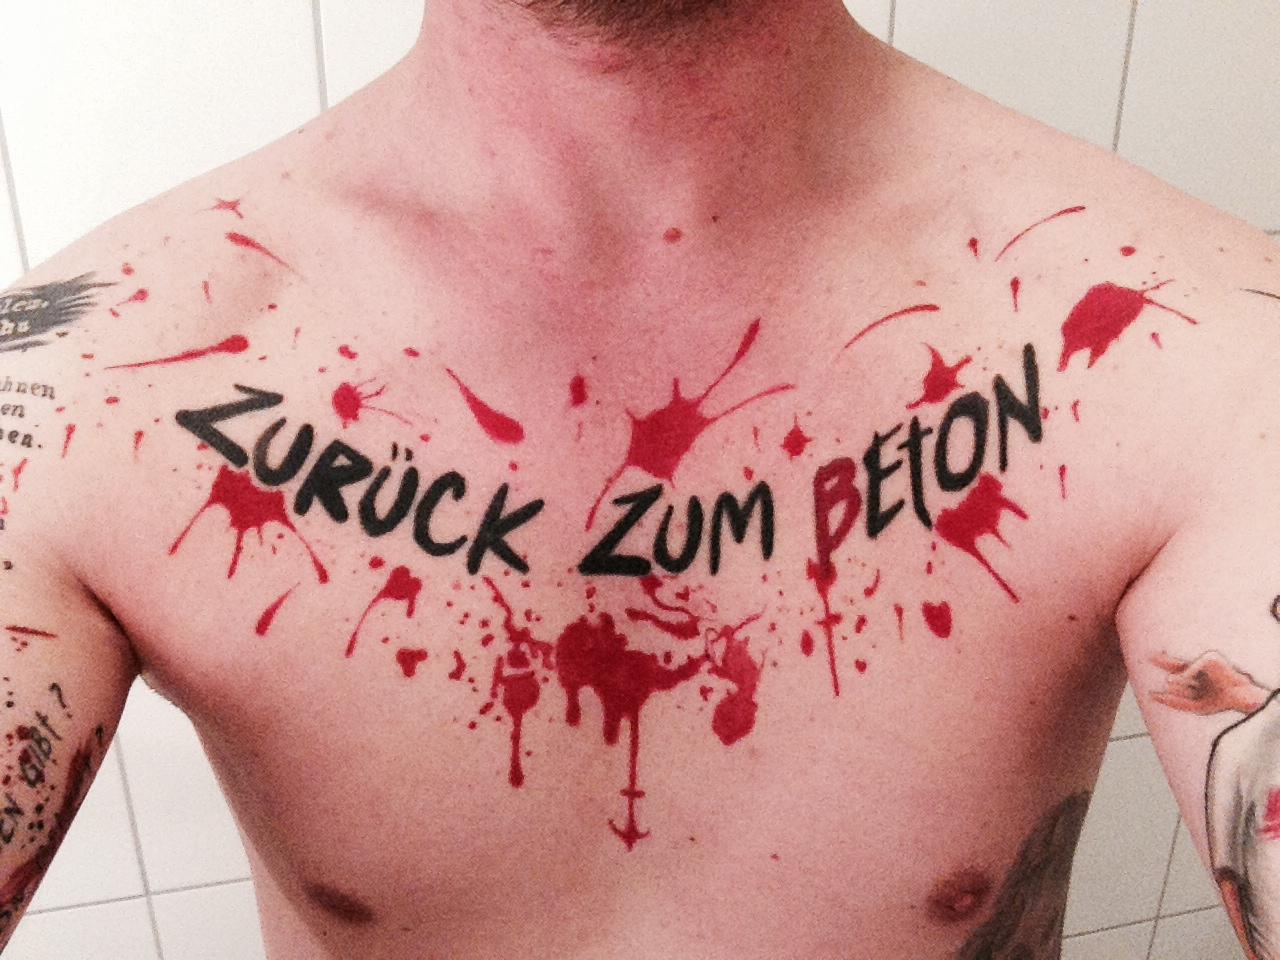 Tattoo bewertung de image best